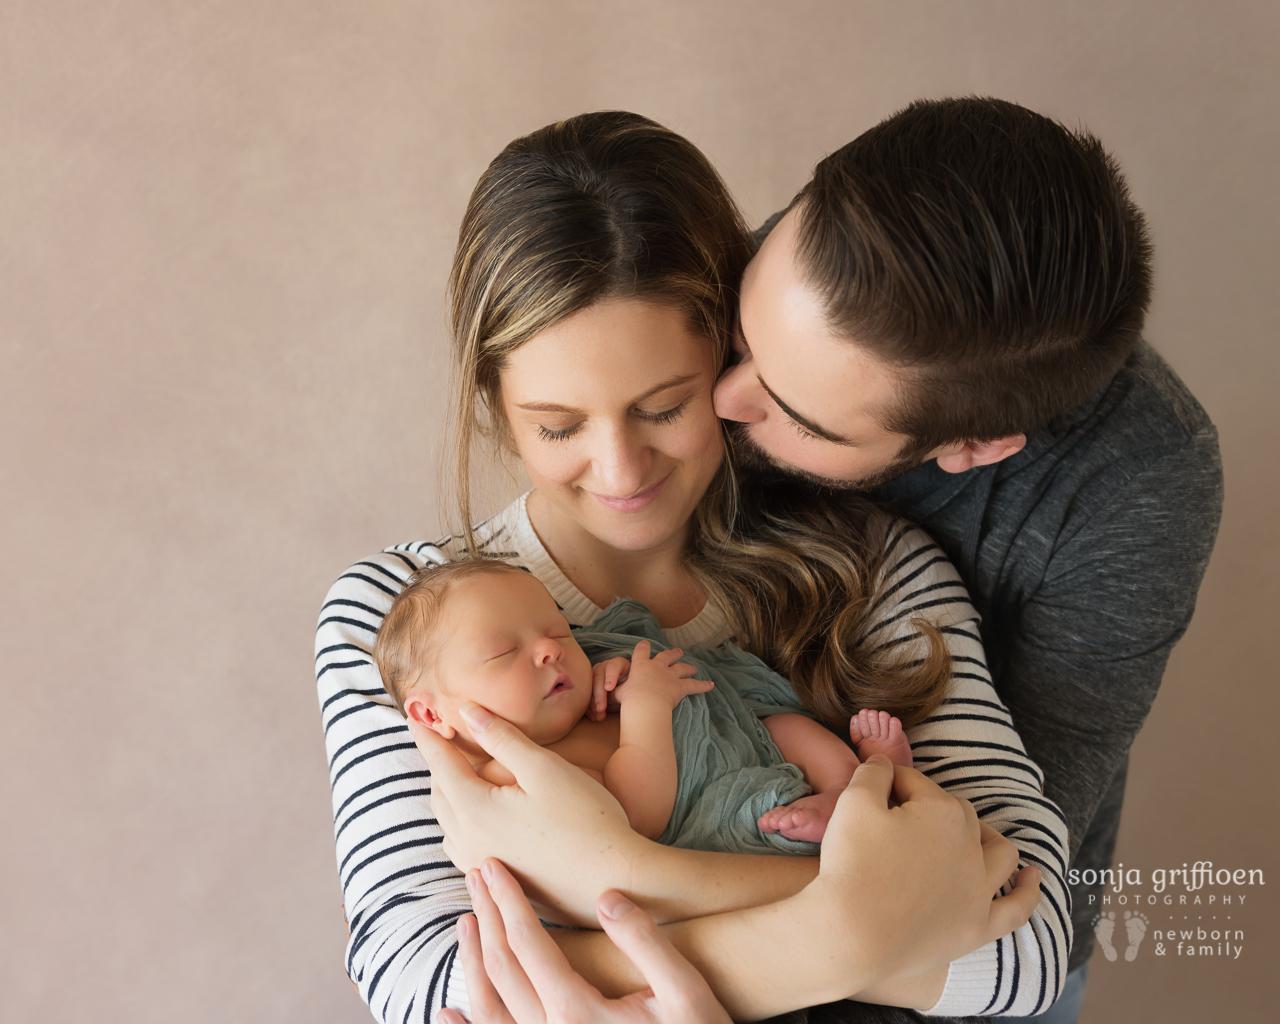 Isabelle-Newborn-Brisbane-Newborn-Photographer-Sonja-Griffioen-01.jpg